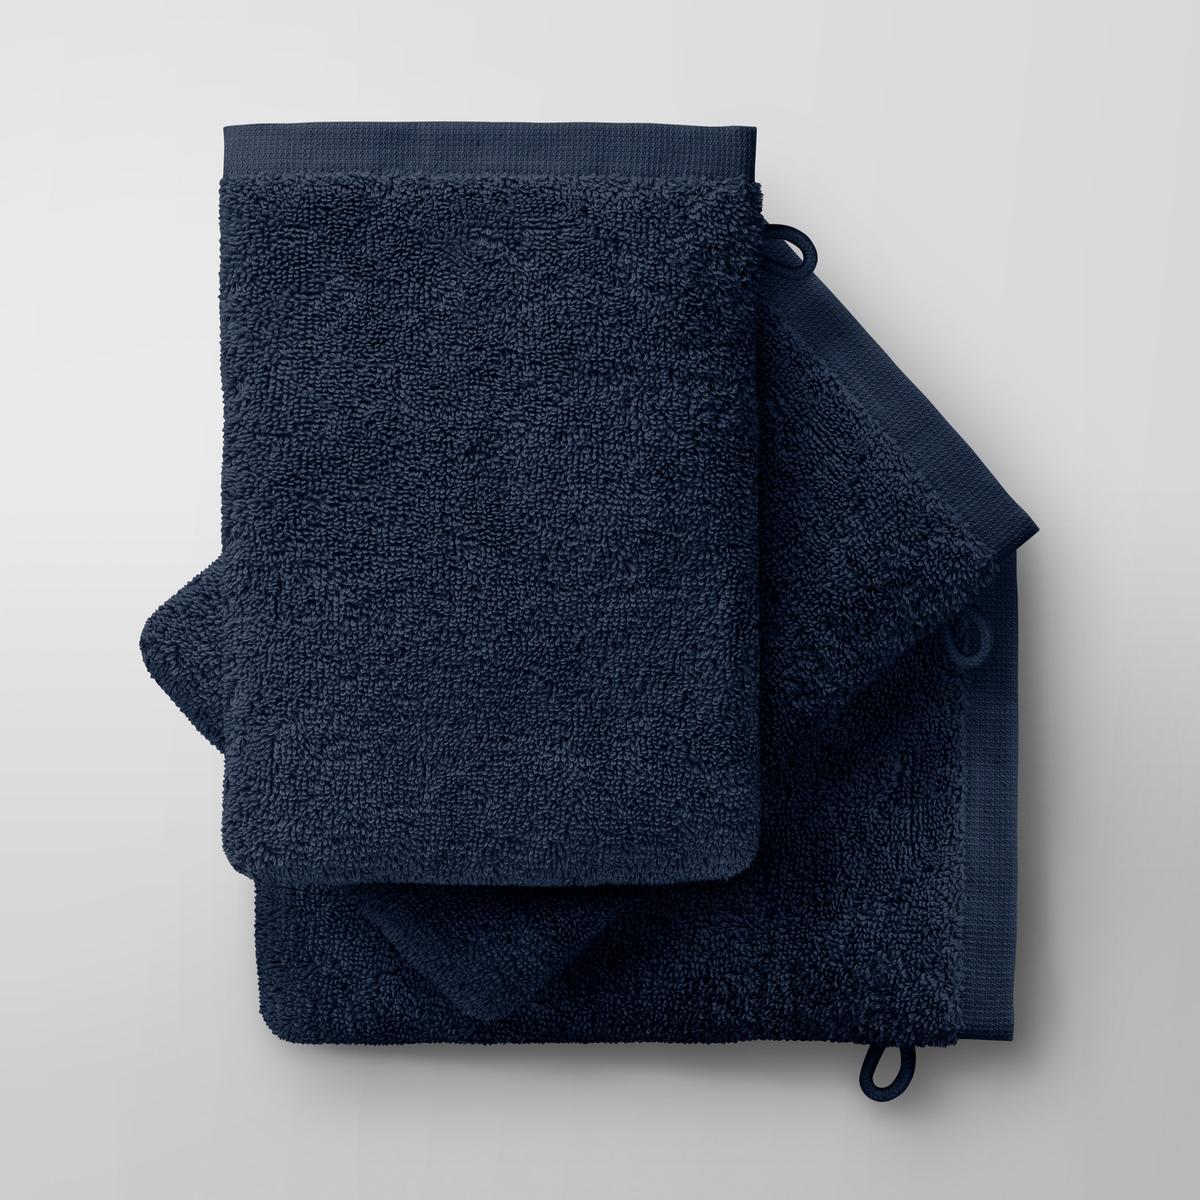 3 рукавицы банные Gilbear из 100% хлопка<br><br>Цвет: светло-серый,серо-коричневый,серо-розовый,сине-зеленый,синий морской,темно-серый,черный<br>Размер: комплект из 3